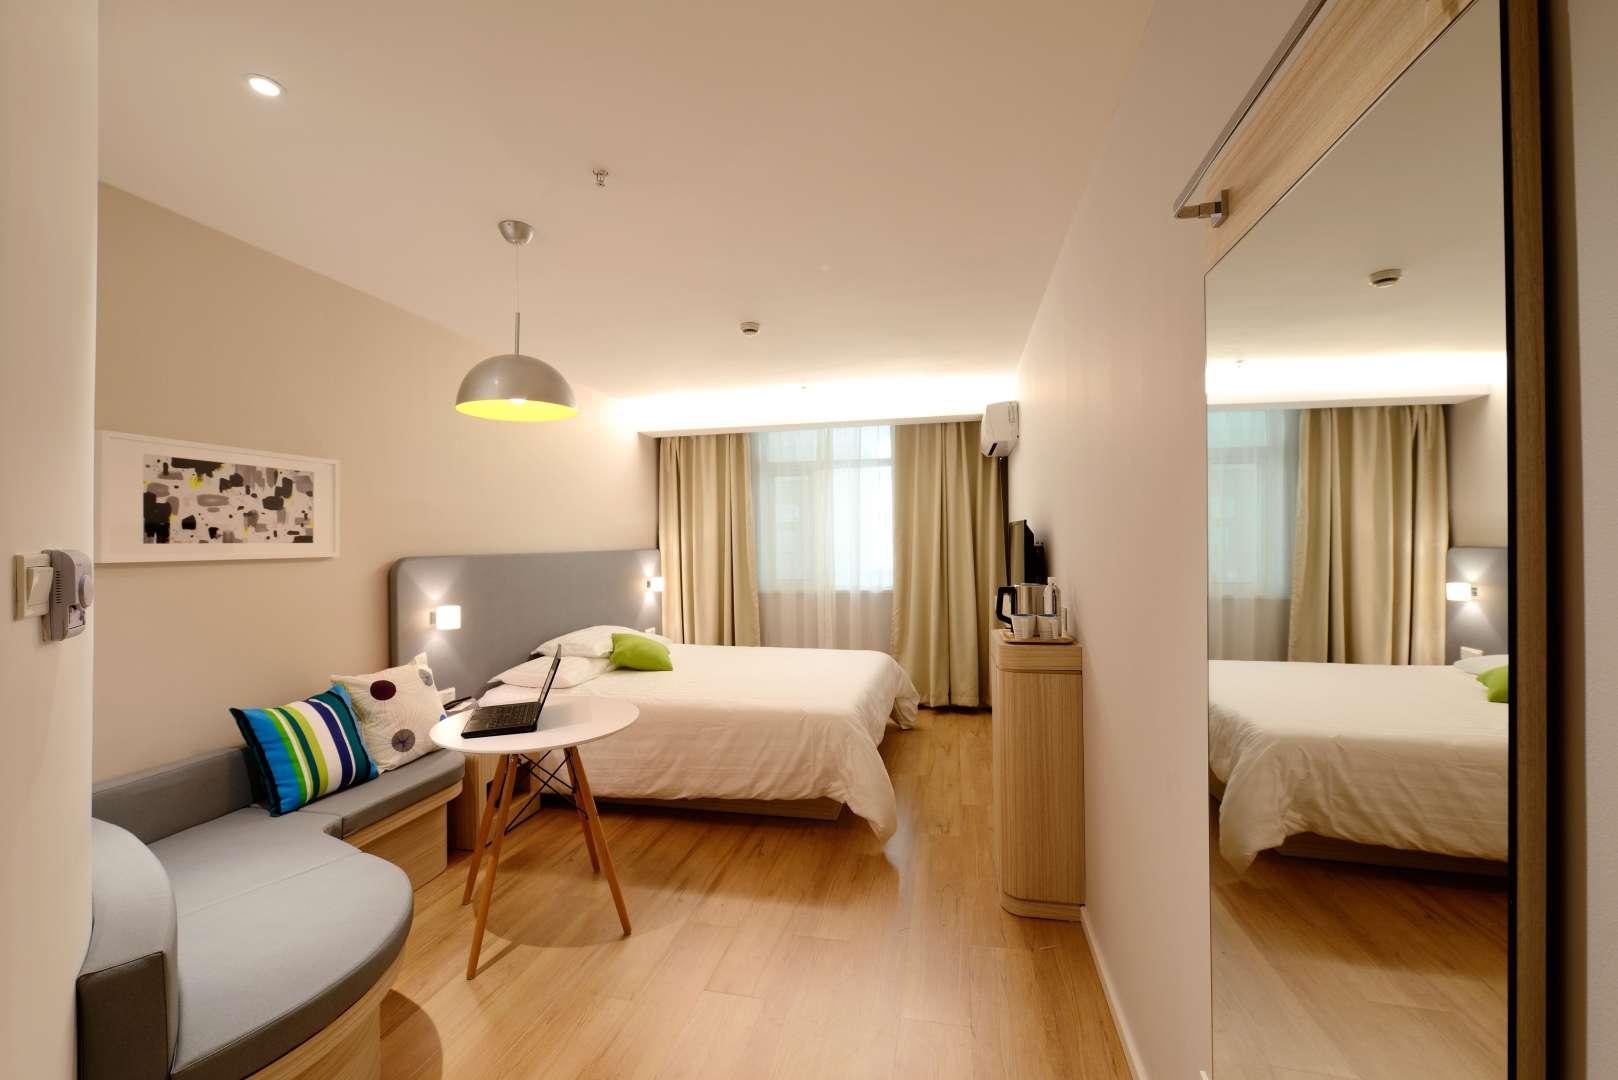 Optimalni bivalni prostor je velikosti 30 m2.